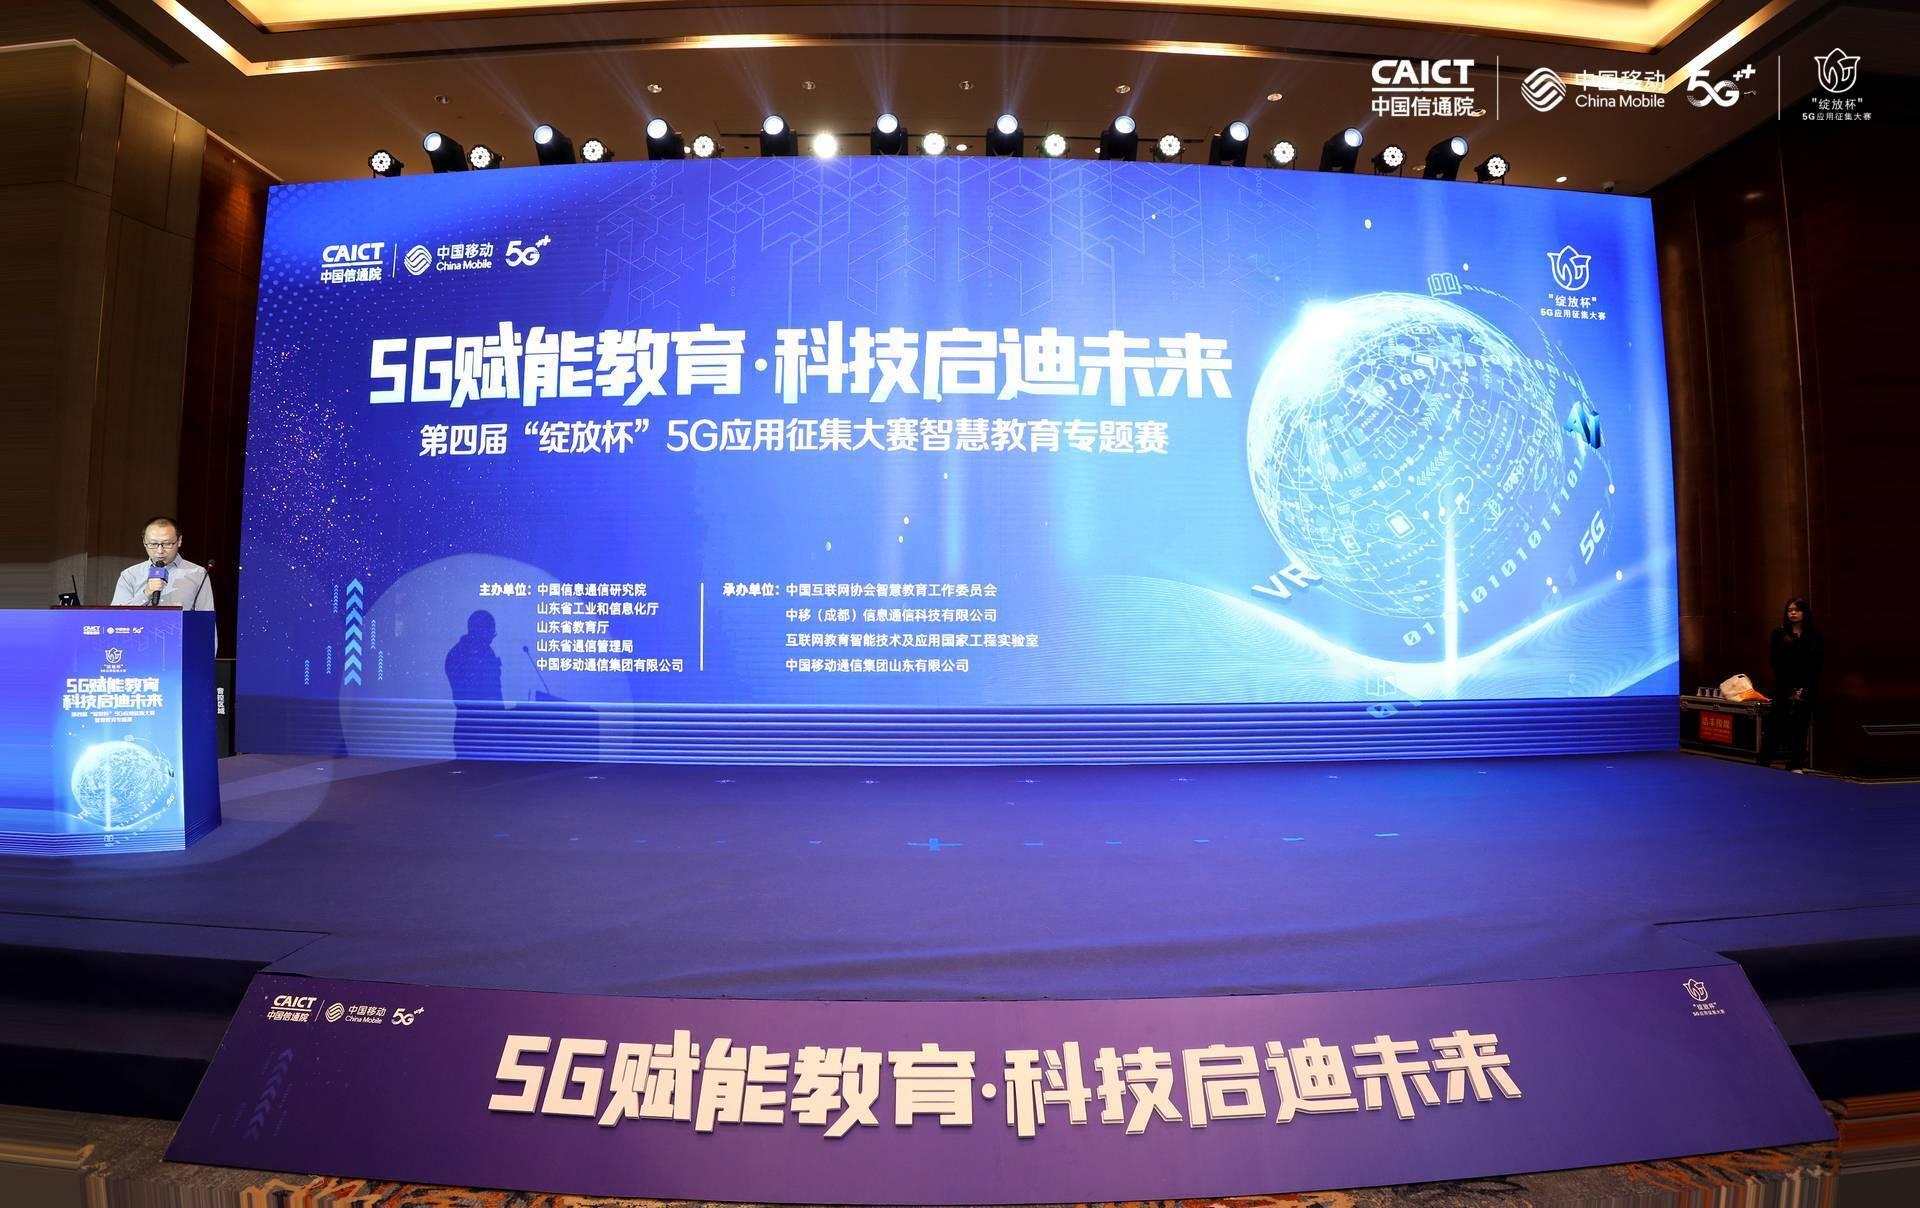 第四届智慧教育专题赛决赛暨颁奖仪式在济南举办